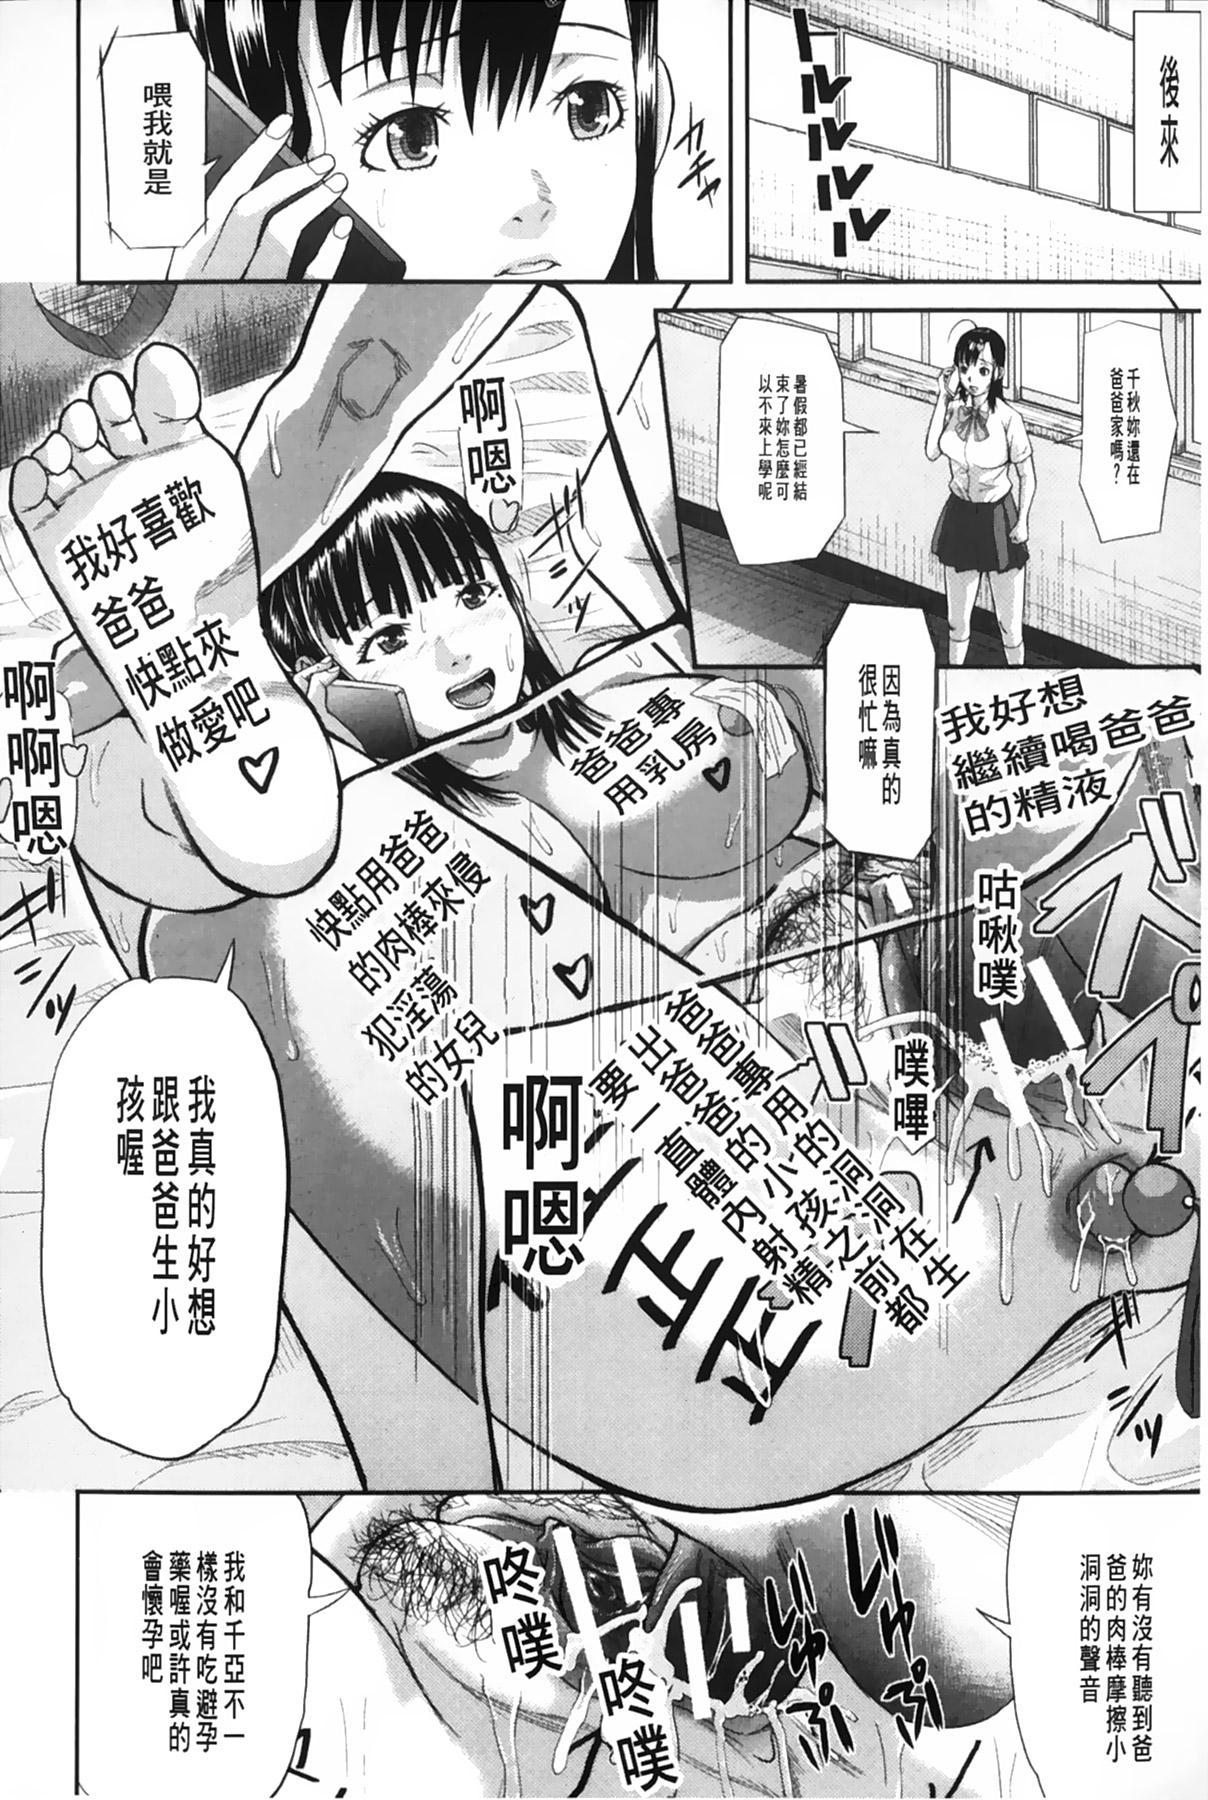 [Honebuto Danshaku] Onna Jigoku Niku no Tsubo~Hentai Rui Inran Ka Mesu Buta Ichidaiki~ | 女地獄、肉之壺 ~変態類淫乱科淫母豬一代記~ [Chinese] 76